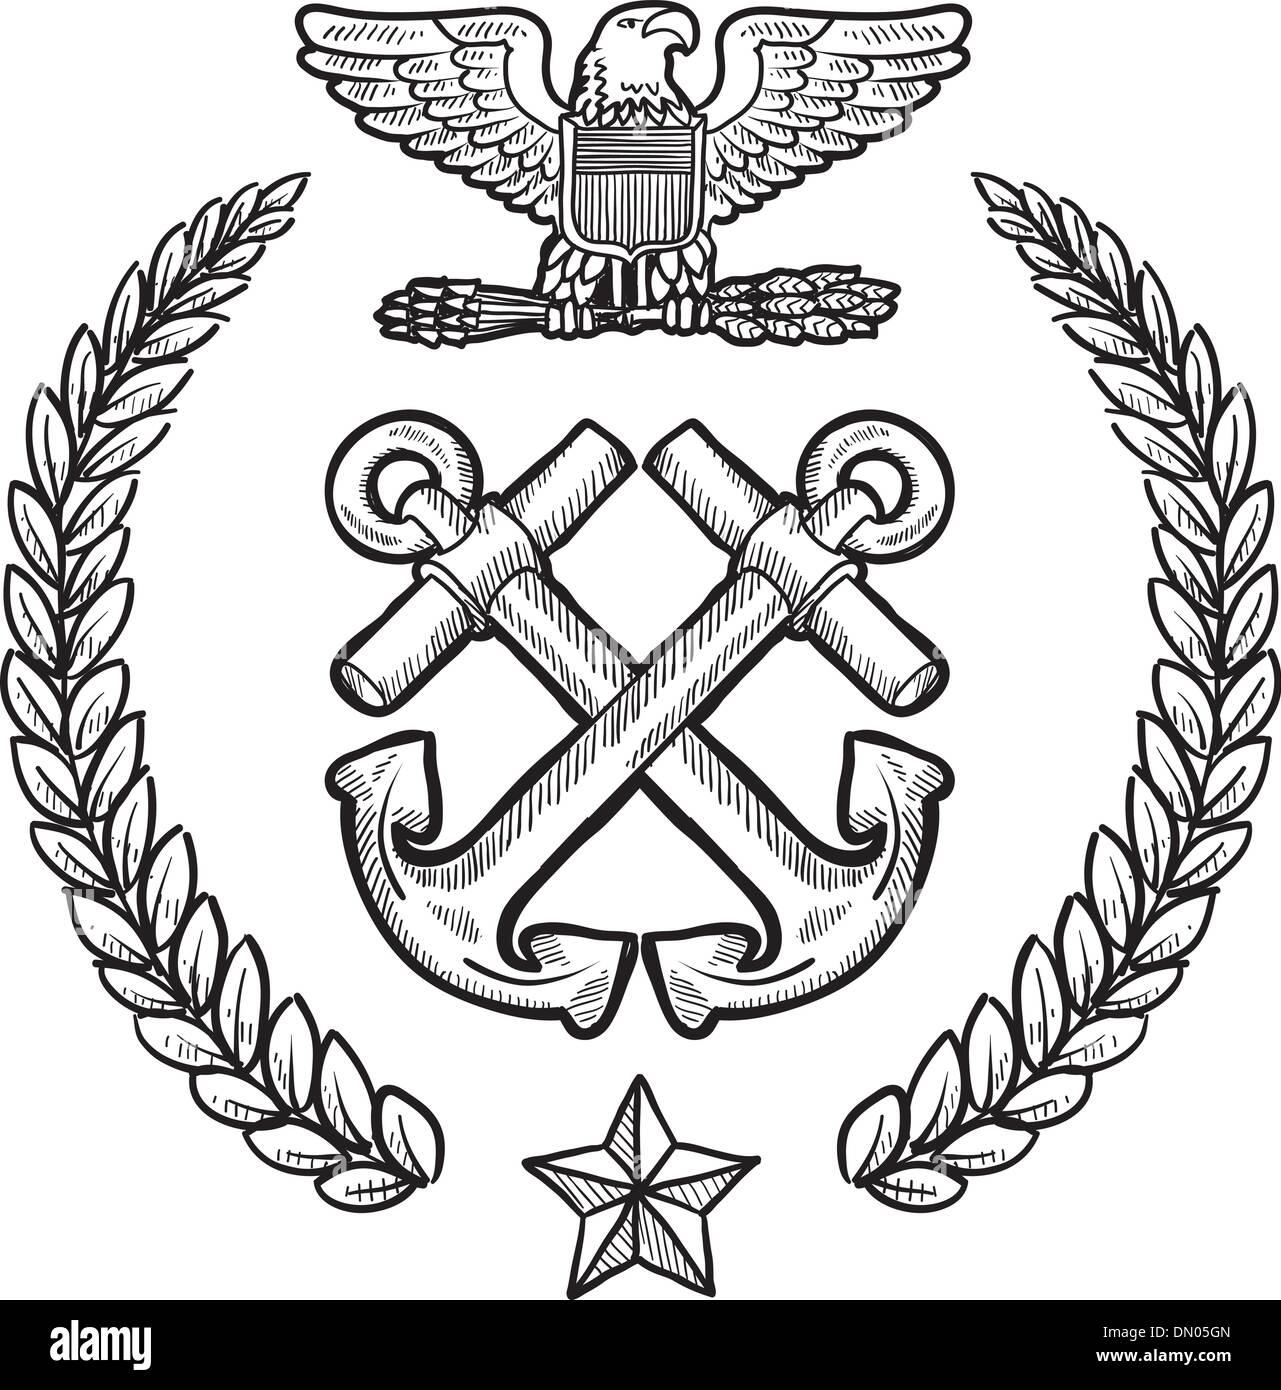 Us Navy Vector Insignia Stock Vector Art Illustration